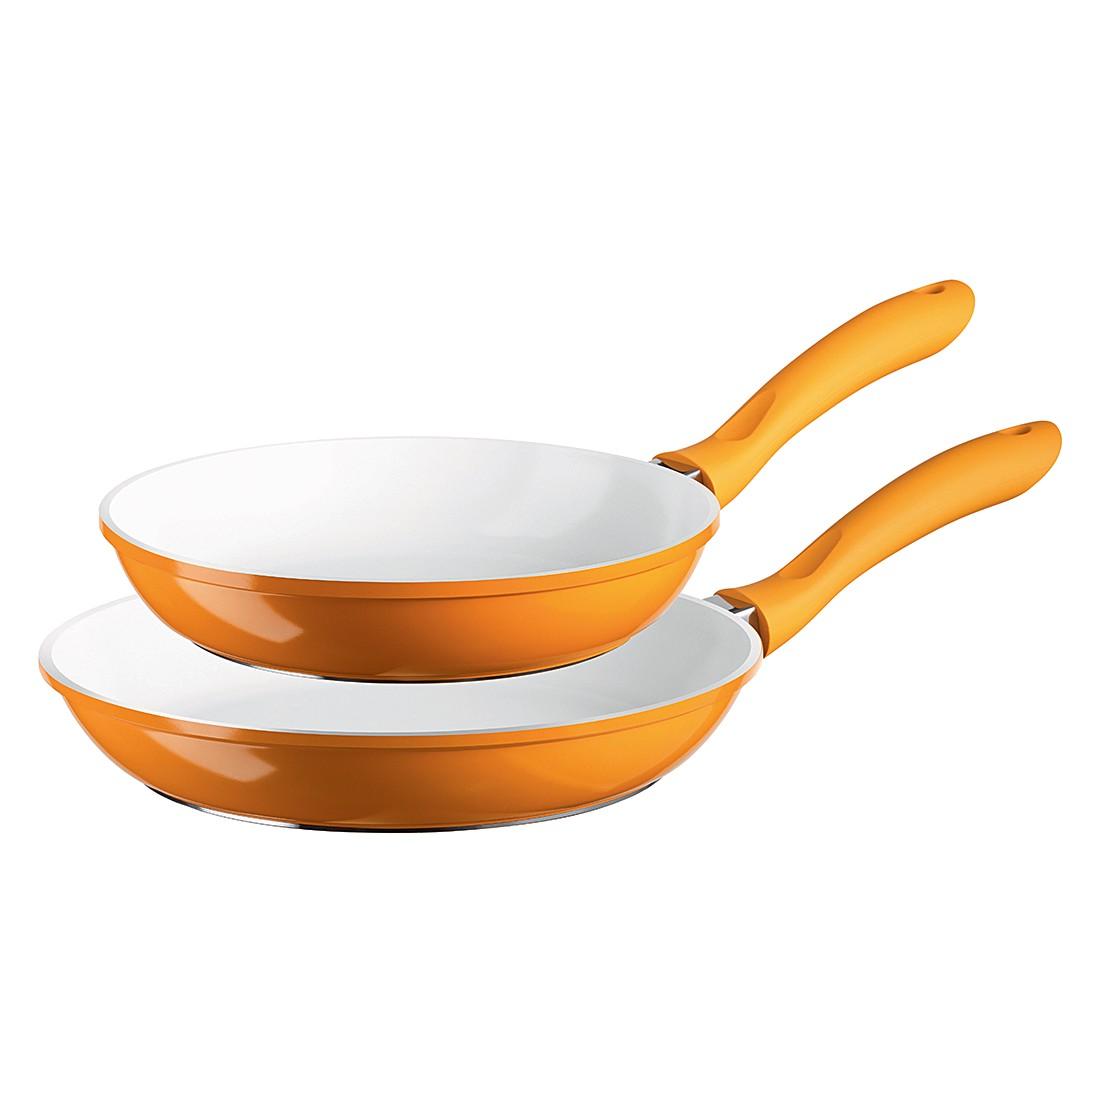 Pfannen-Set Alioth (2-teilig) – 20 & 24 cm, orange, Mäser günstig